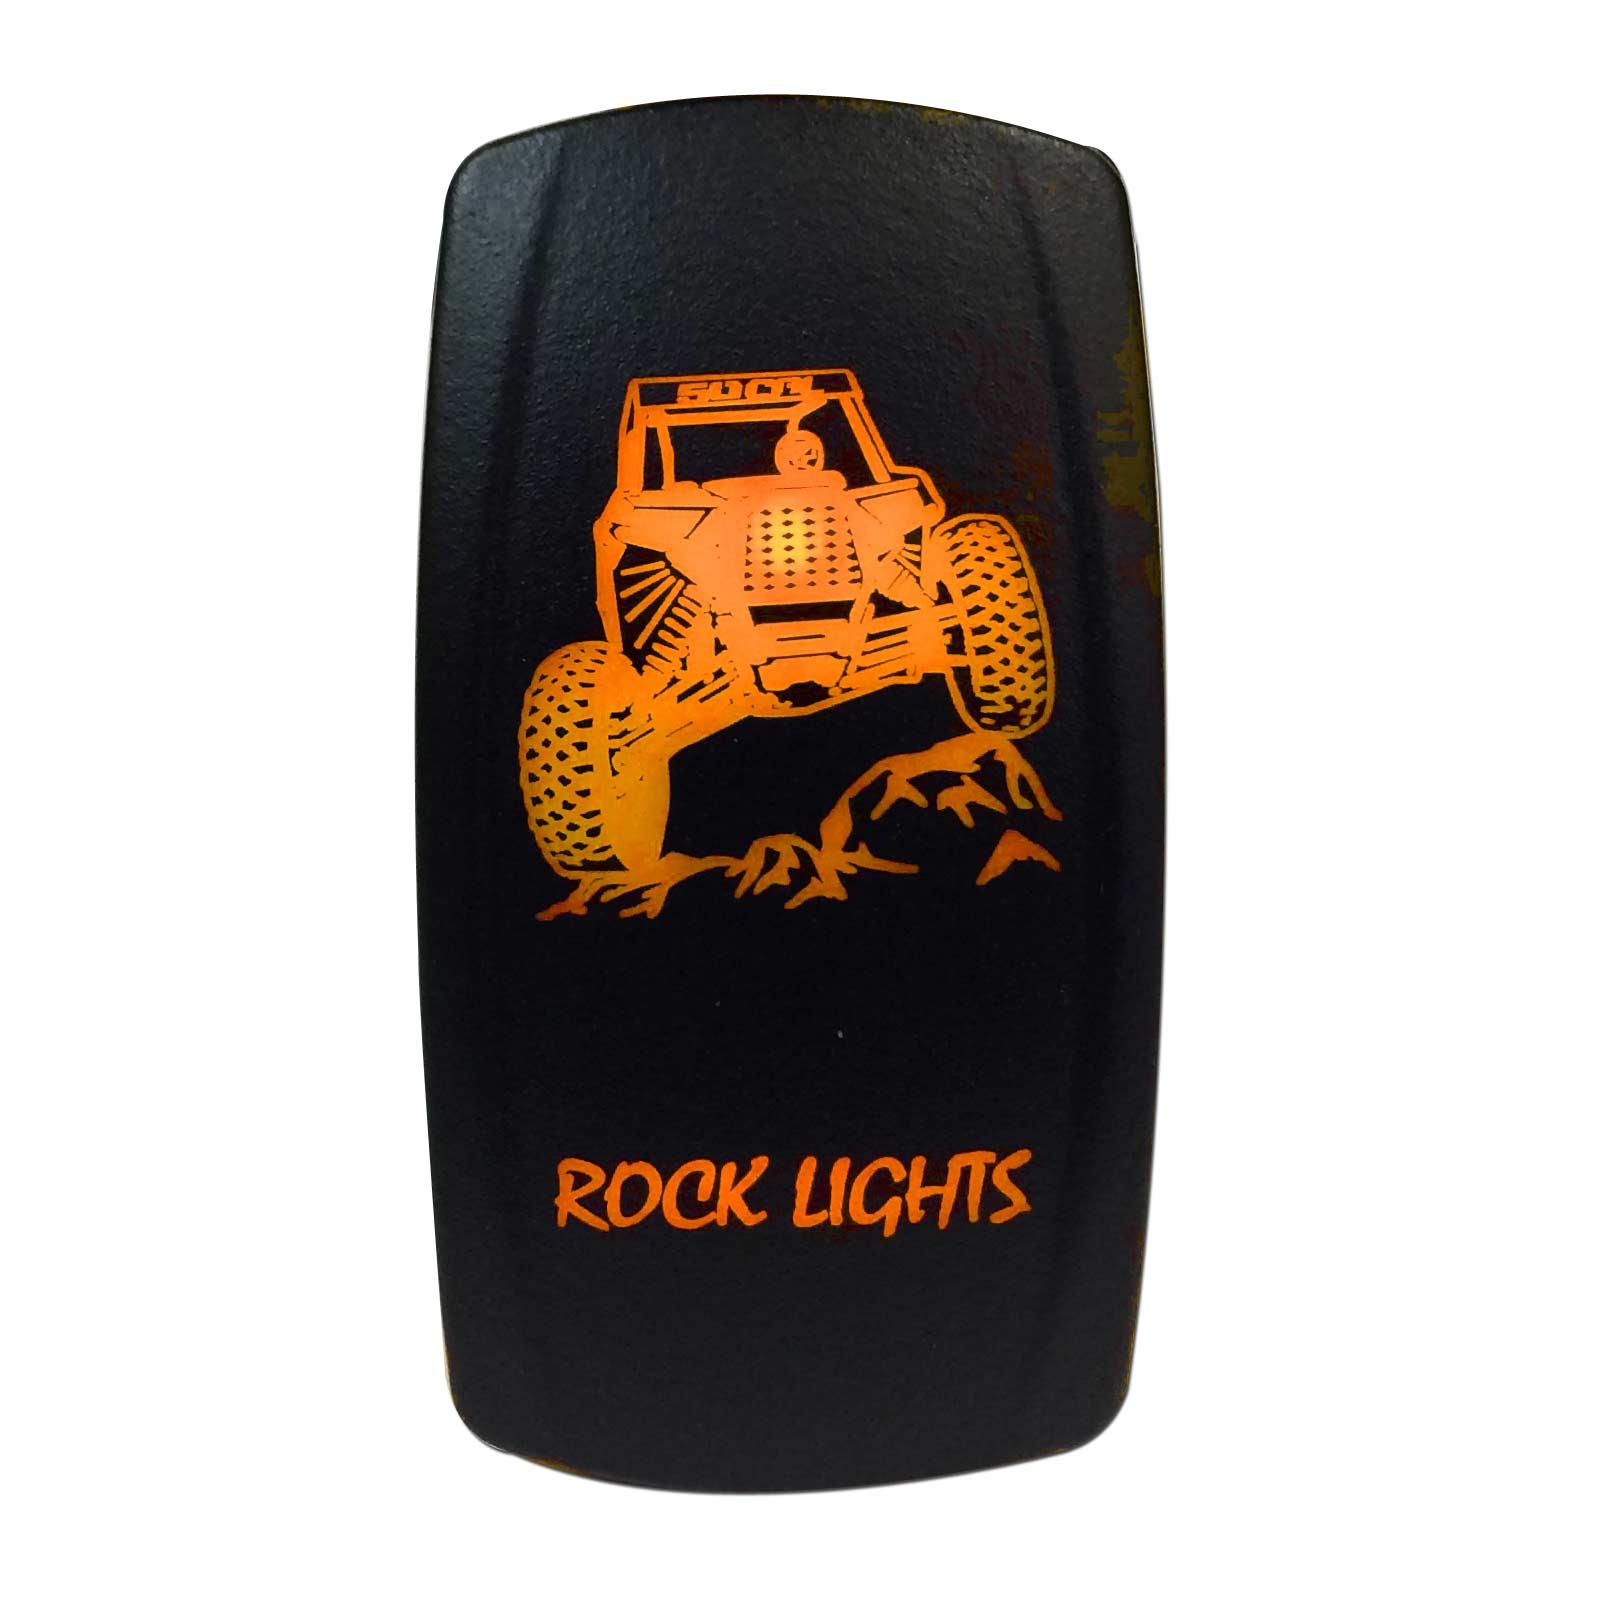 LASER ETCHED 12V LED BACK LIT ROCKER SWITCH BLUE Rear Lights RZR Can Am x3